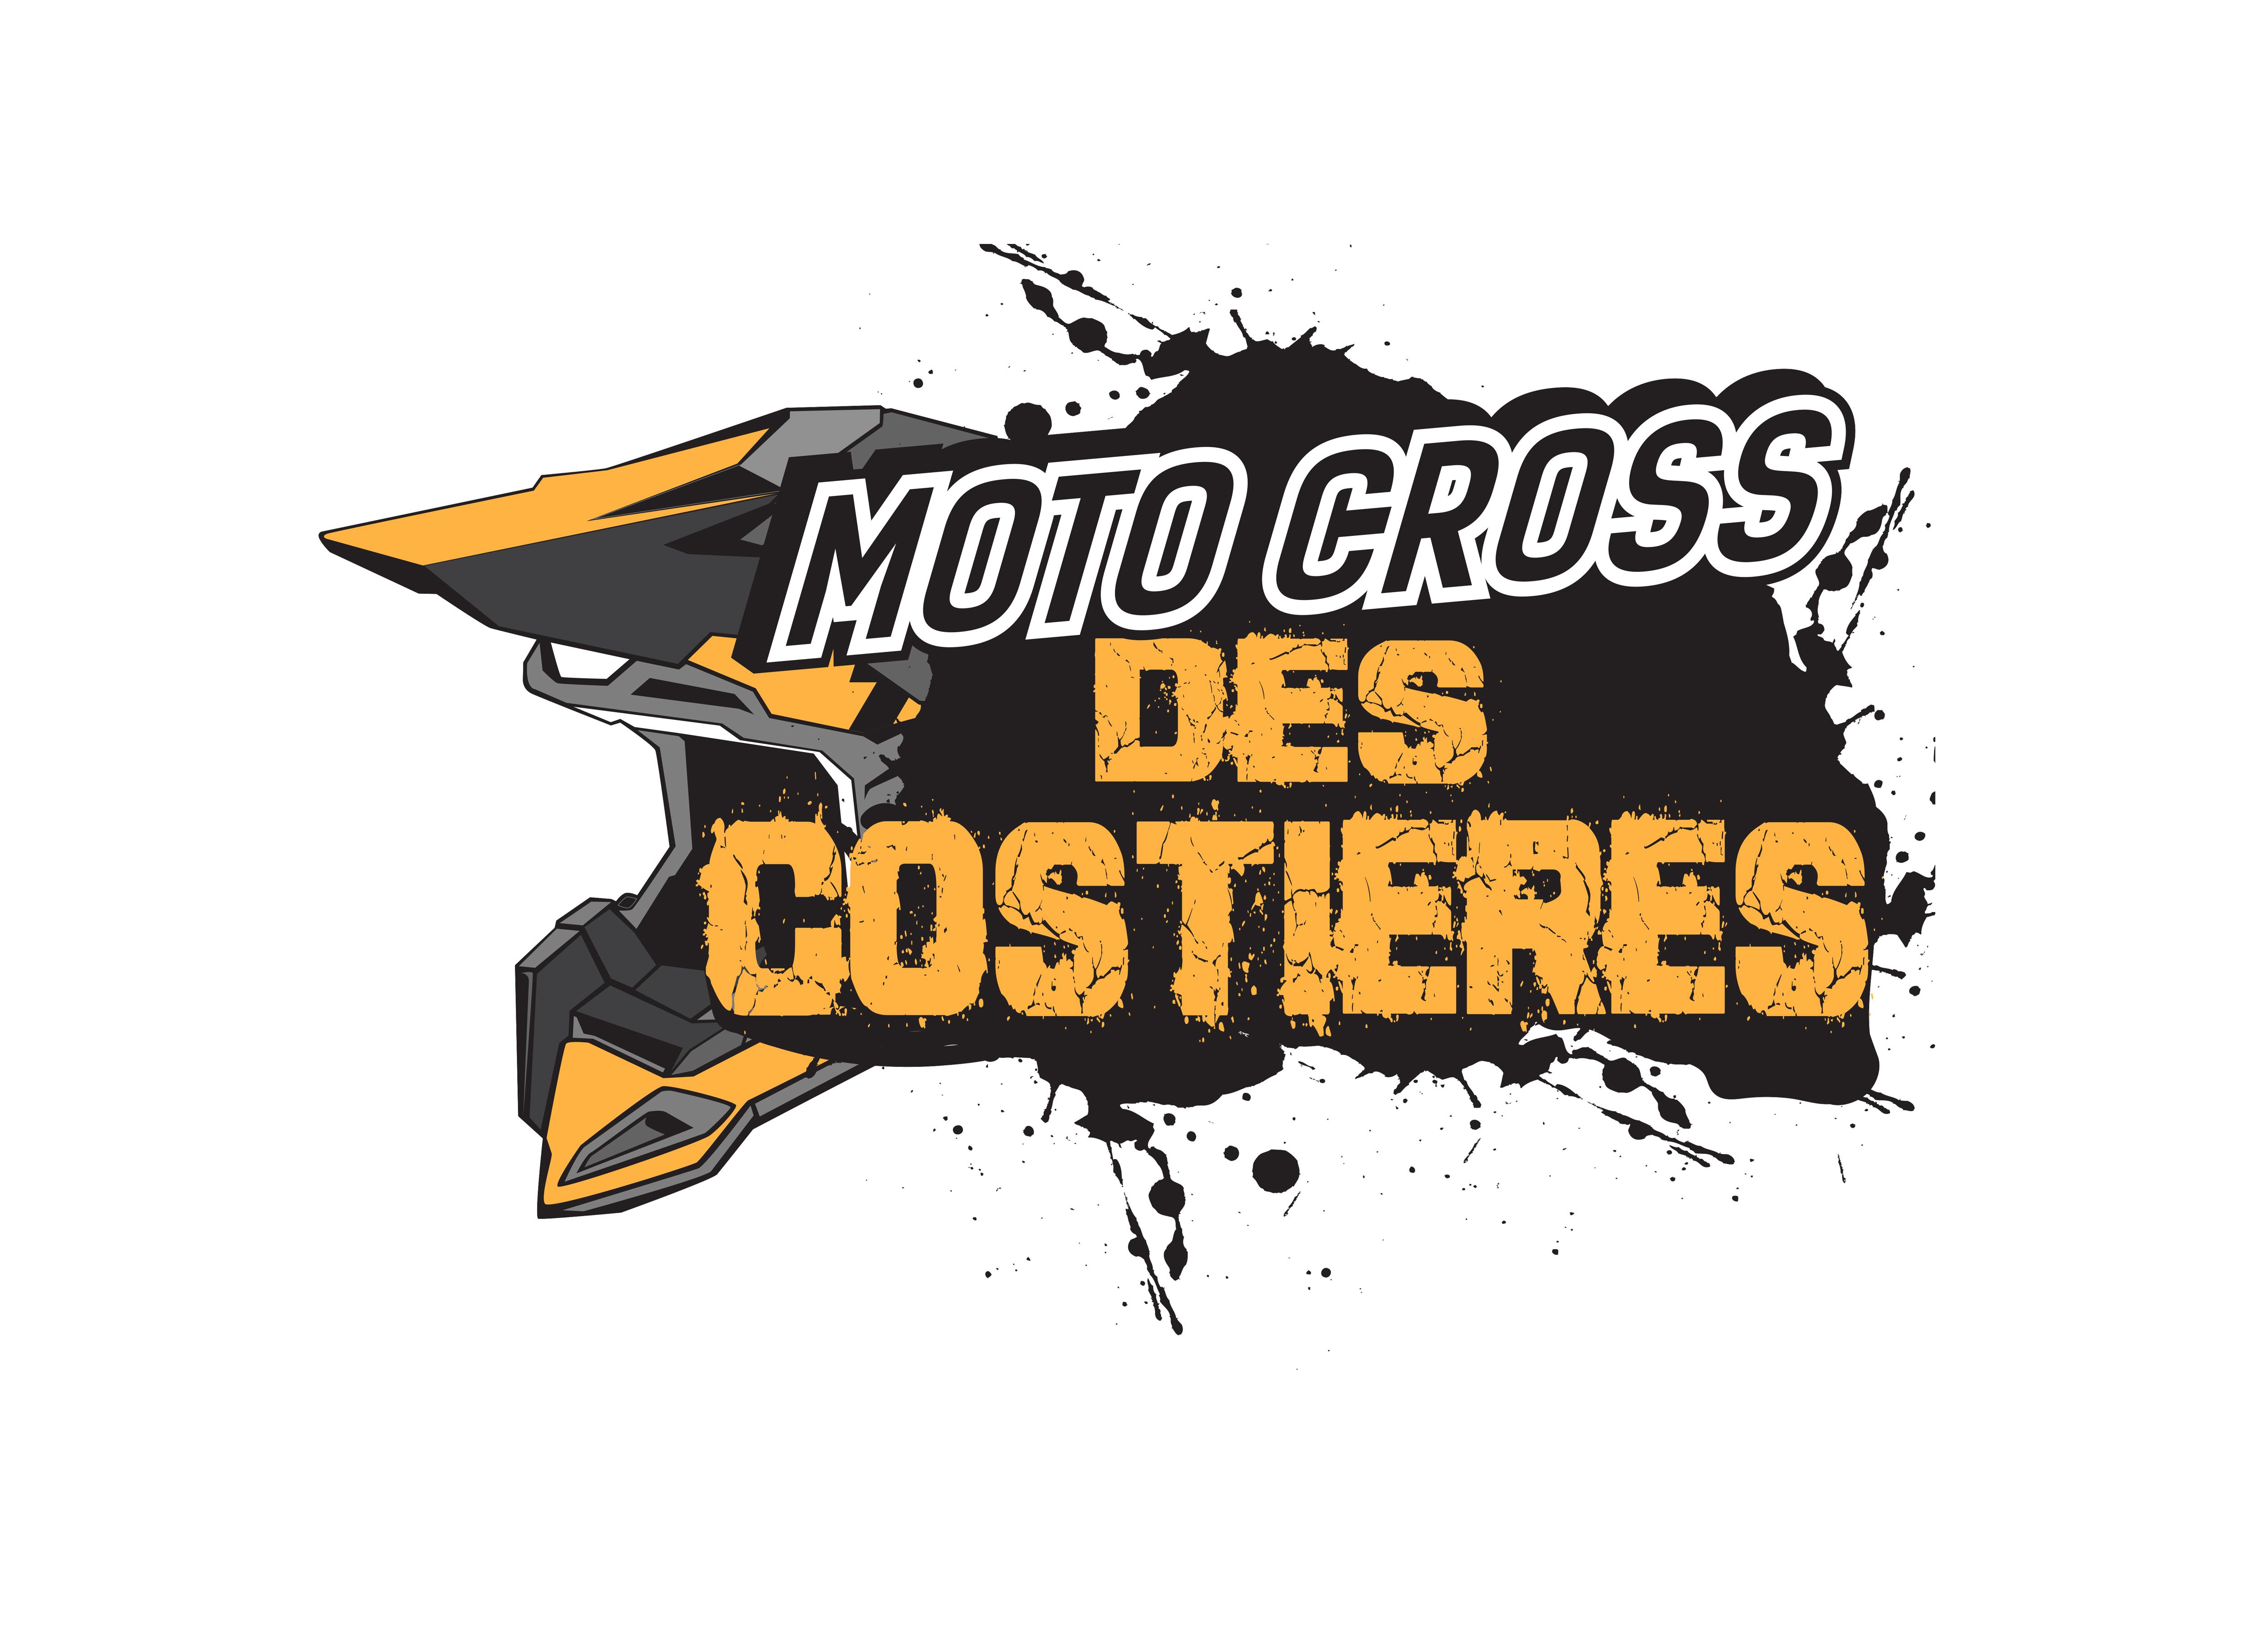 """Logo du MC costière, terrain de cross à Beauvoisin On y voit un casque ainsi que des éclats de noir, il est écrit en noir et majuscule """"moto crossé et """"des costières"""" en orange et majuscule."""